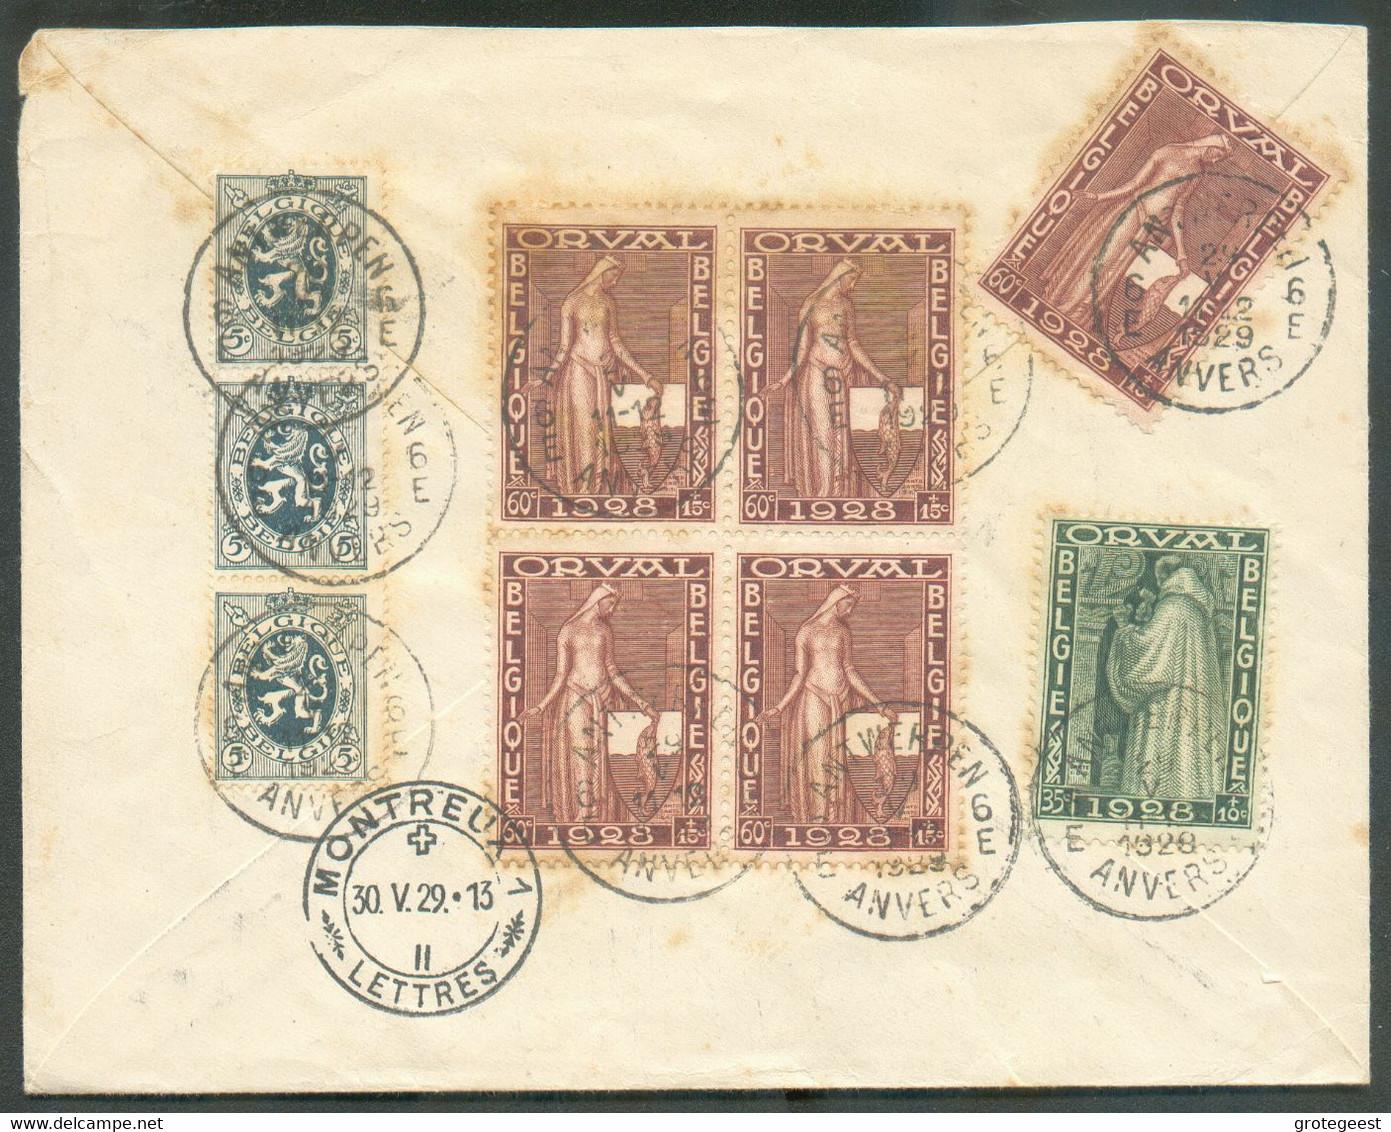 Lettre Recommandée De ANTWERPEN 29-V-1929 Avec Affranchissement ORVAL à 3Fr.50 Vers Montreux (Suisse).TB - 16336 - Briefe U. Dokumente